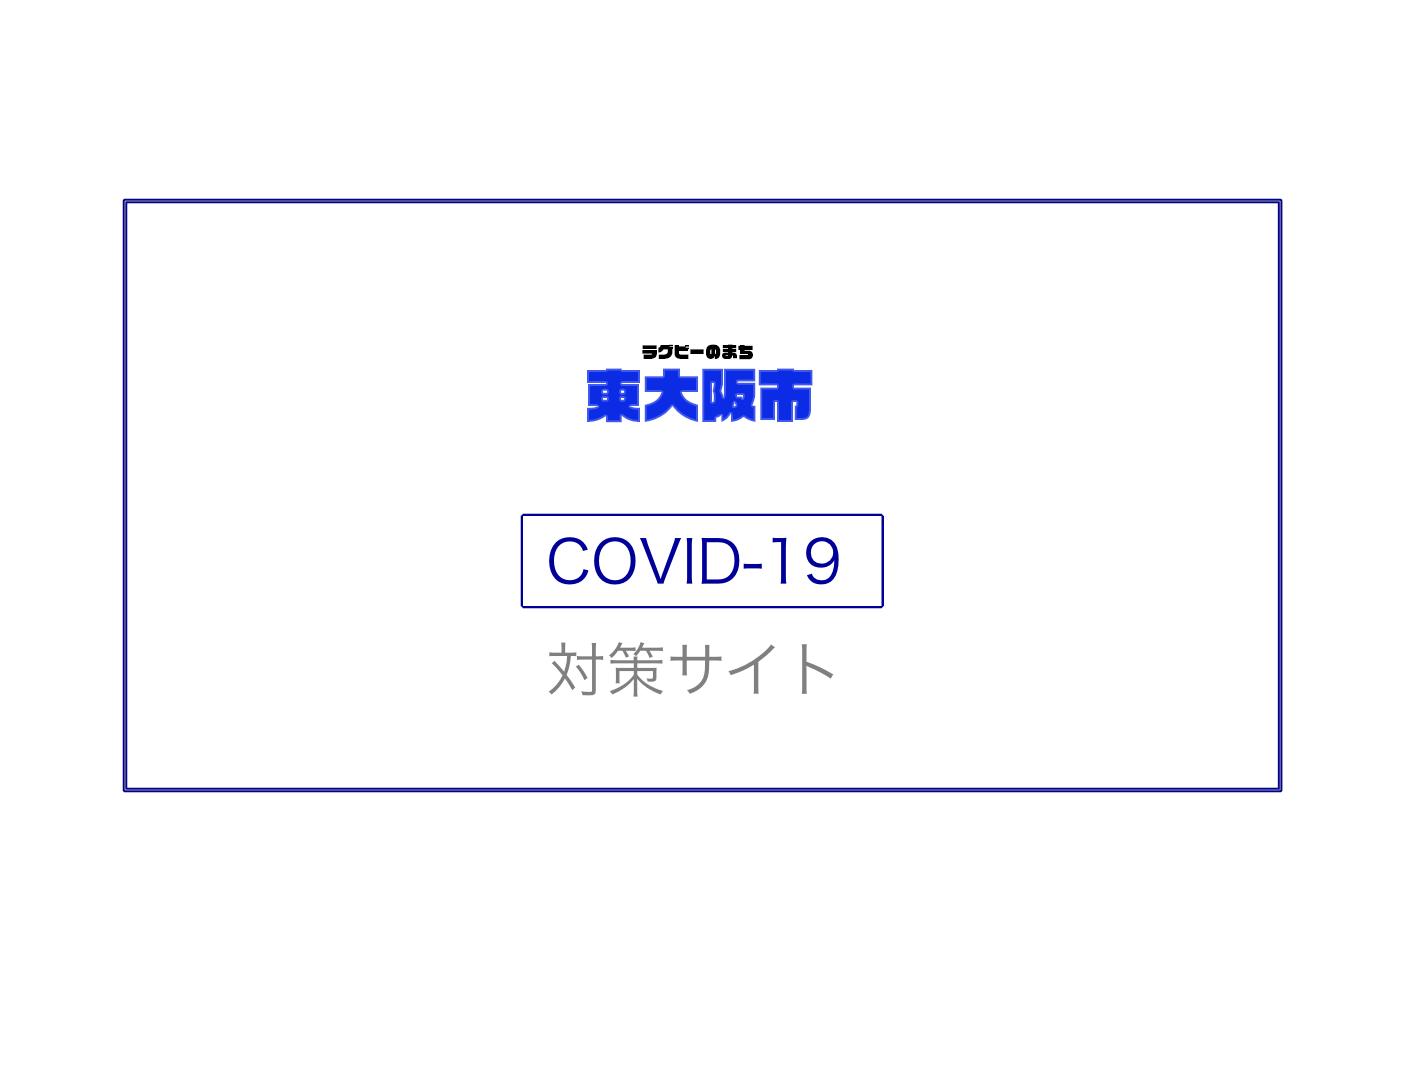 東大阪市新型コロナウィルス感染症対策サイト(非公式)